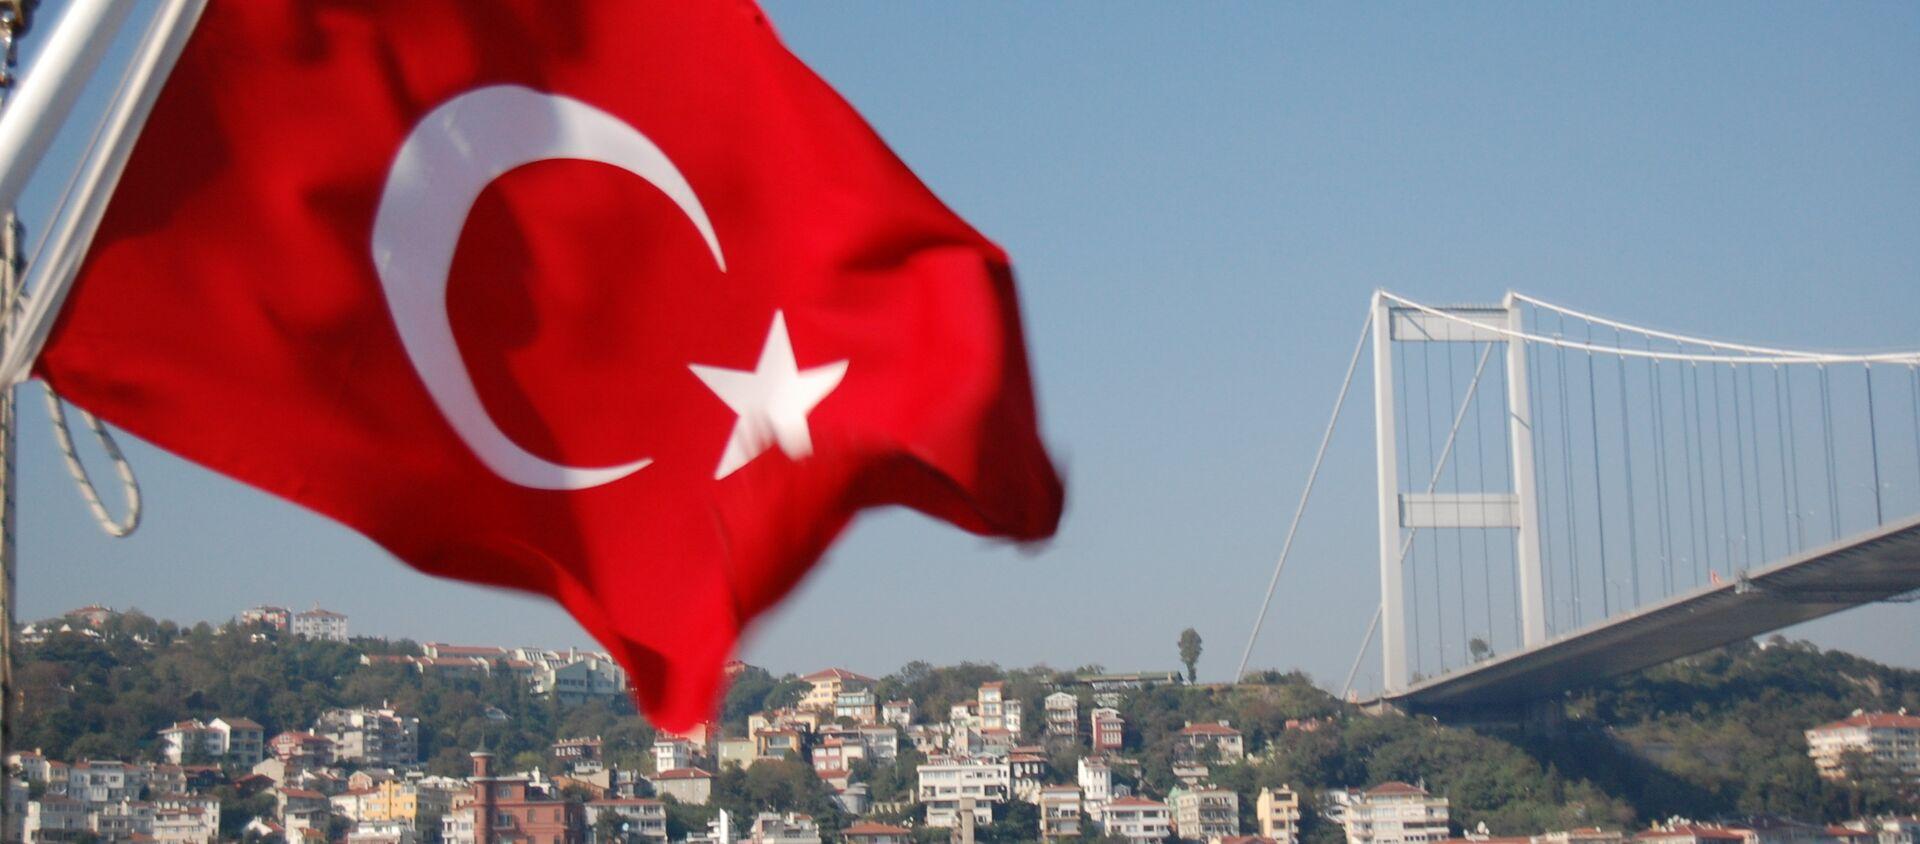 Мост через Босфор и флаг Турции - Sputnik Грузия, 1920, 07.04.2021